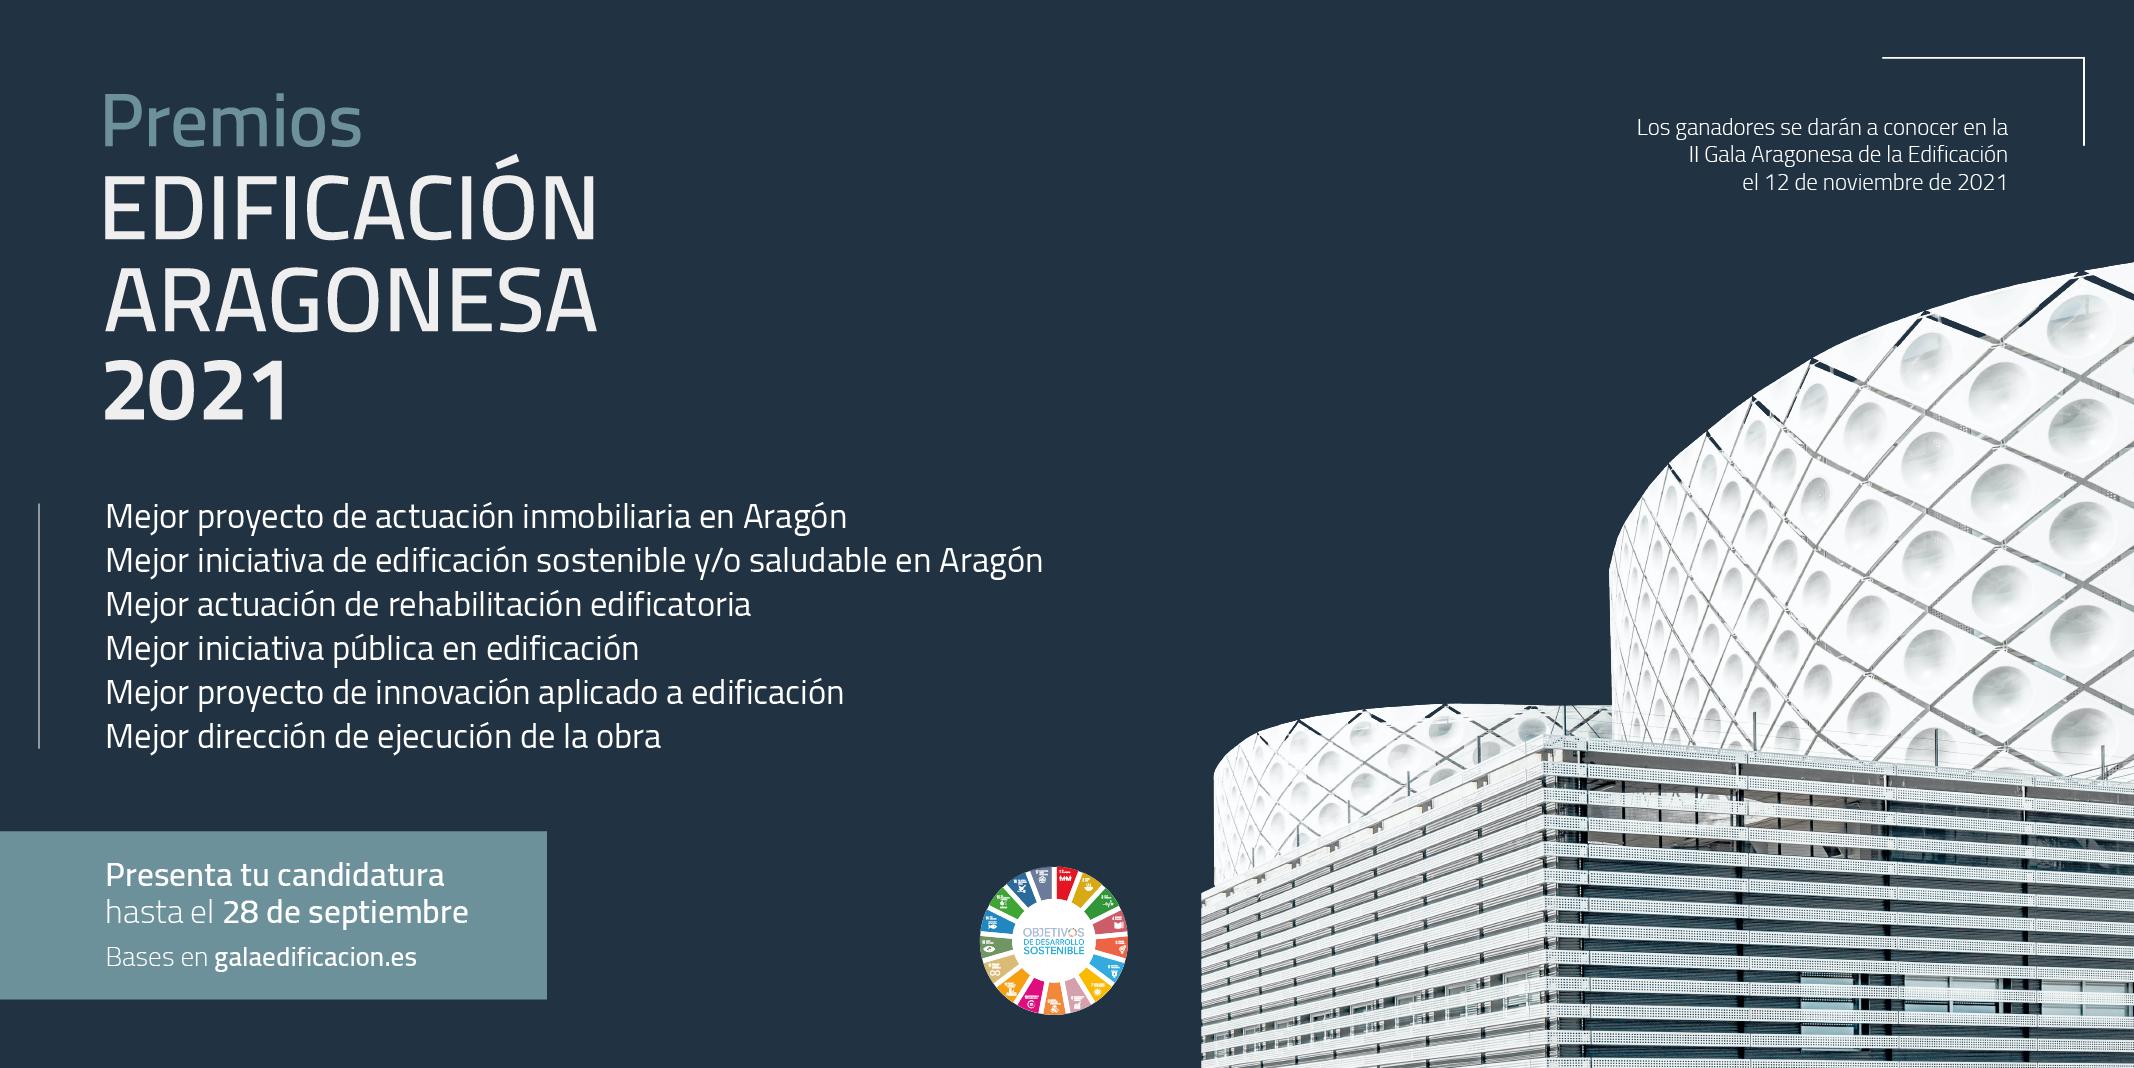 Periódico de Aragón: El 28 de septiembre finaliza el plazo para presentar las candidaturas a los Premios a la Edificación Aragonesa 2021